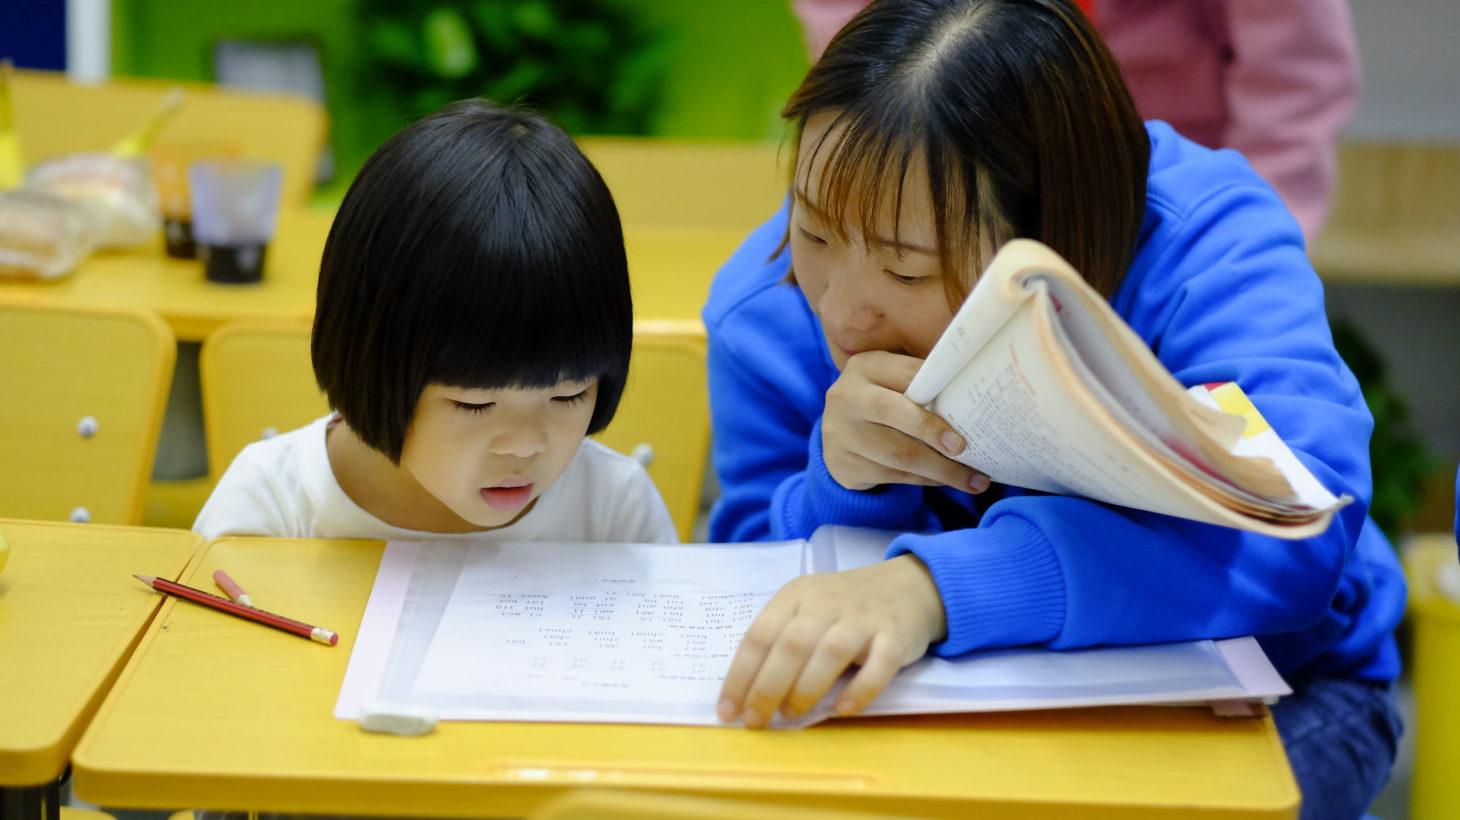 Vuxen och barn läser tillsammans.